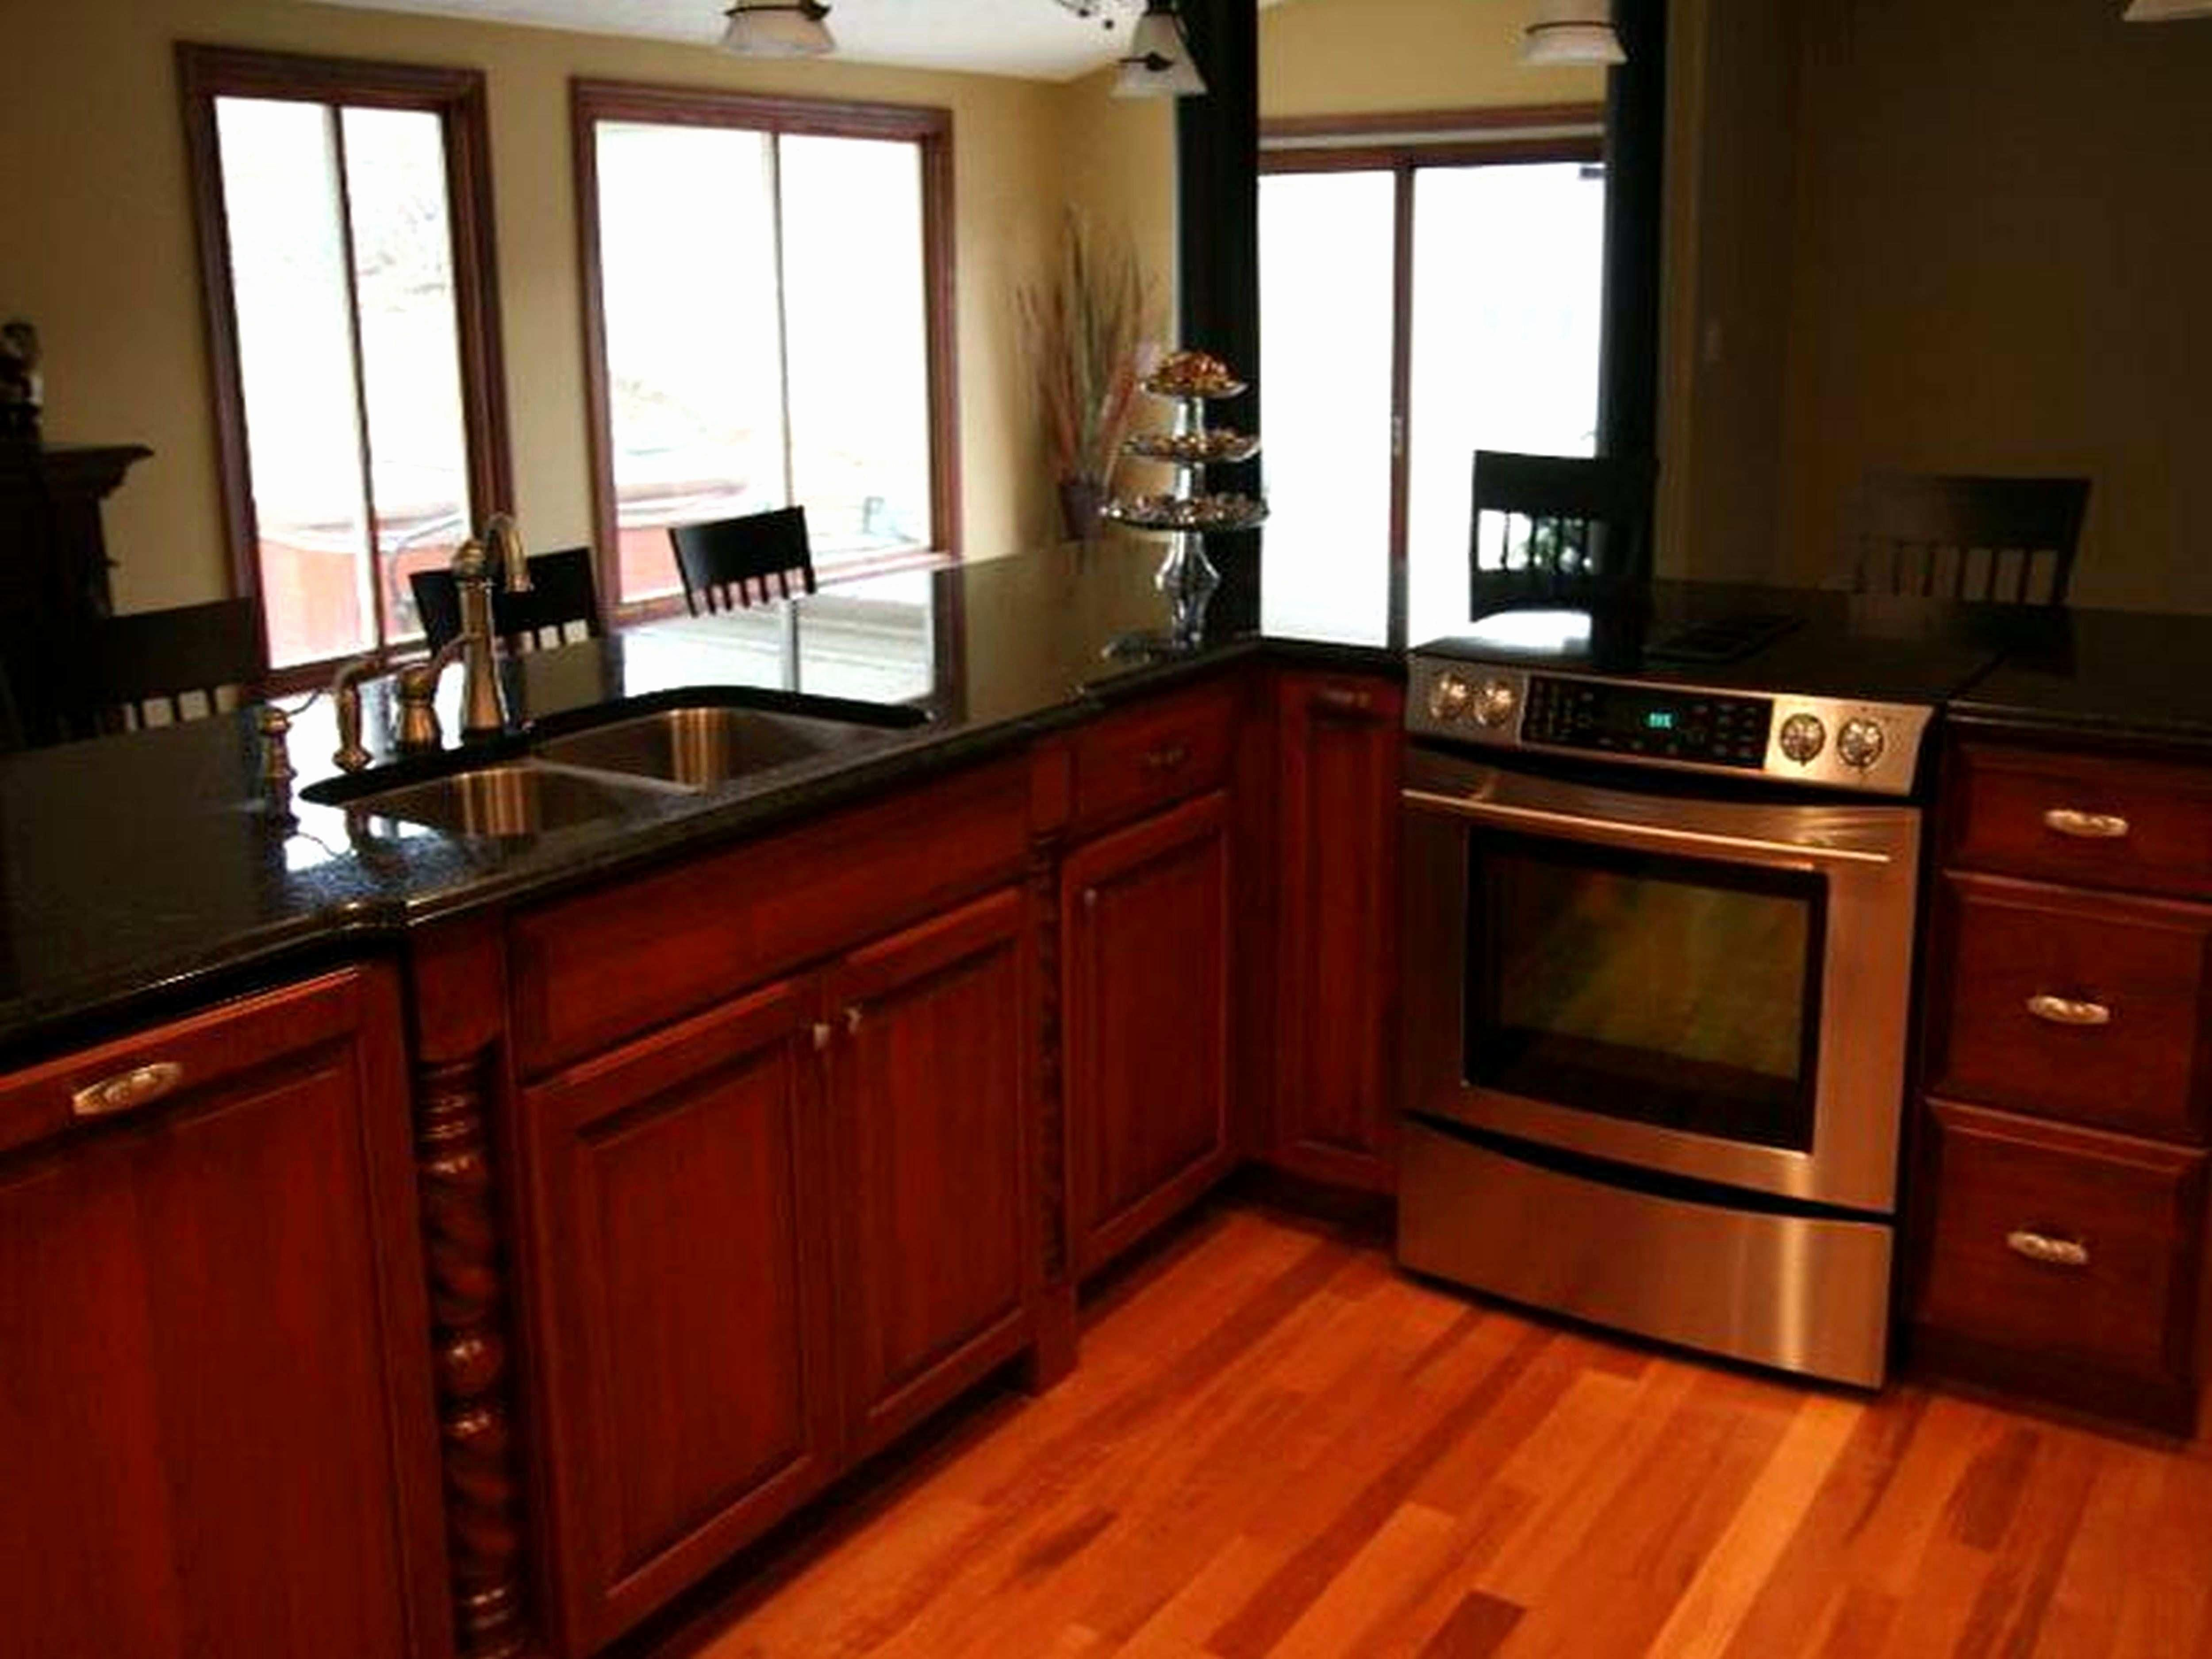 Cabinet Hardware Boise Mix Spiel Haben Sie Keine Angst Zu Versuchen Eine Vielz Contemporary Kitchen Cabinets Used Kitchen Cabinets Cheap Kitchen Cabinets